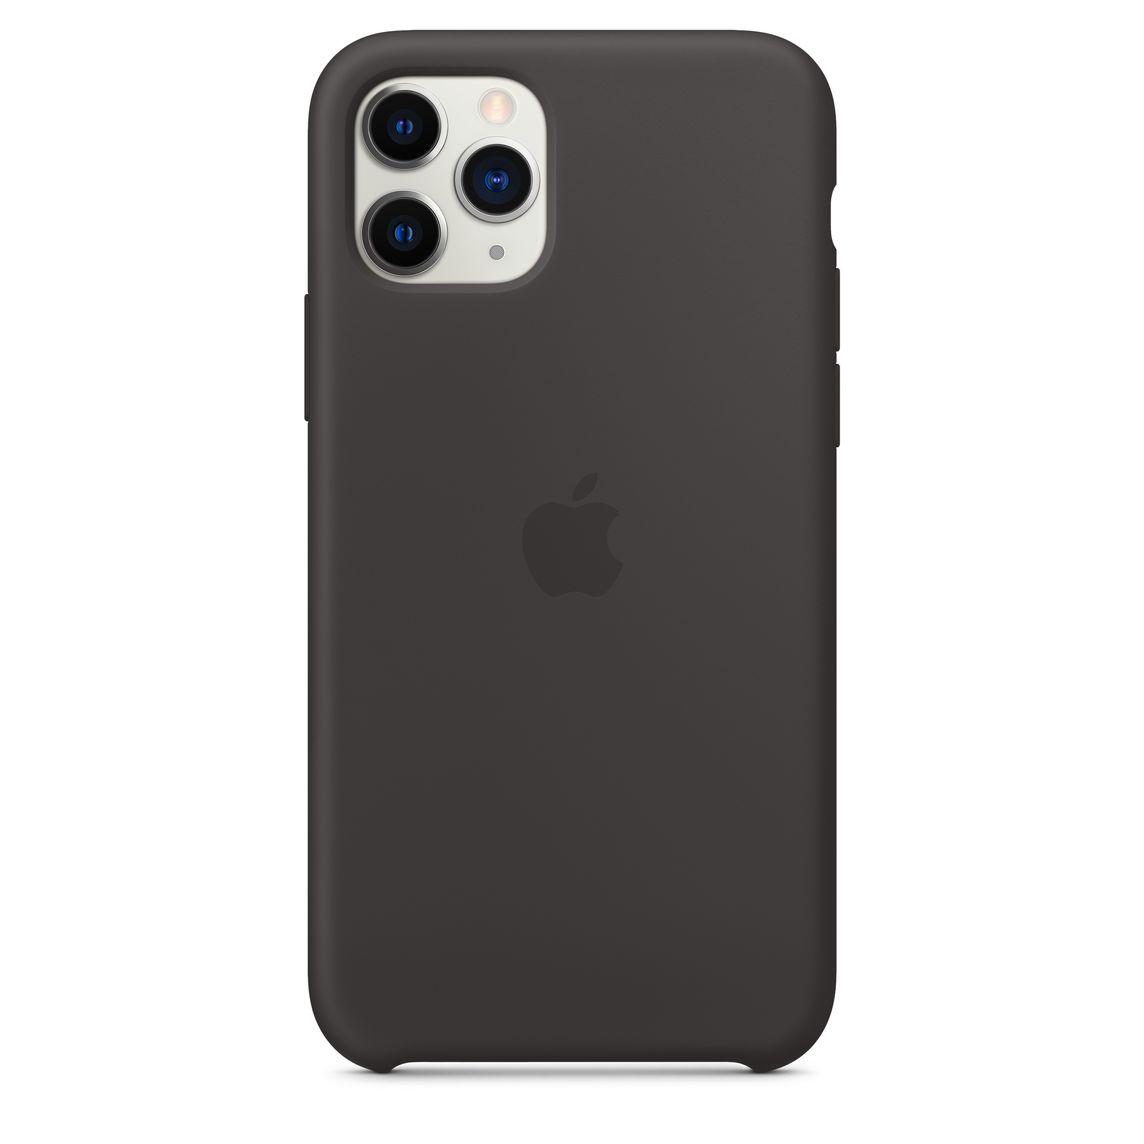 Custodia in silicone per iPhone 11 Pro - Nero